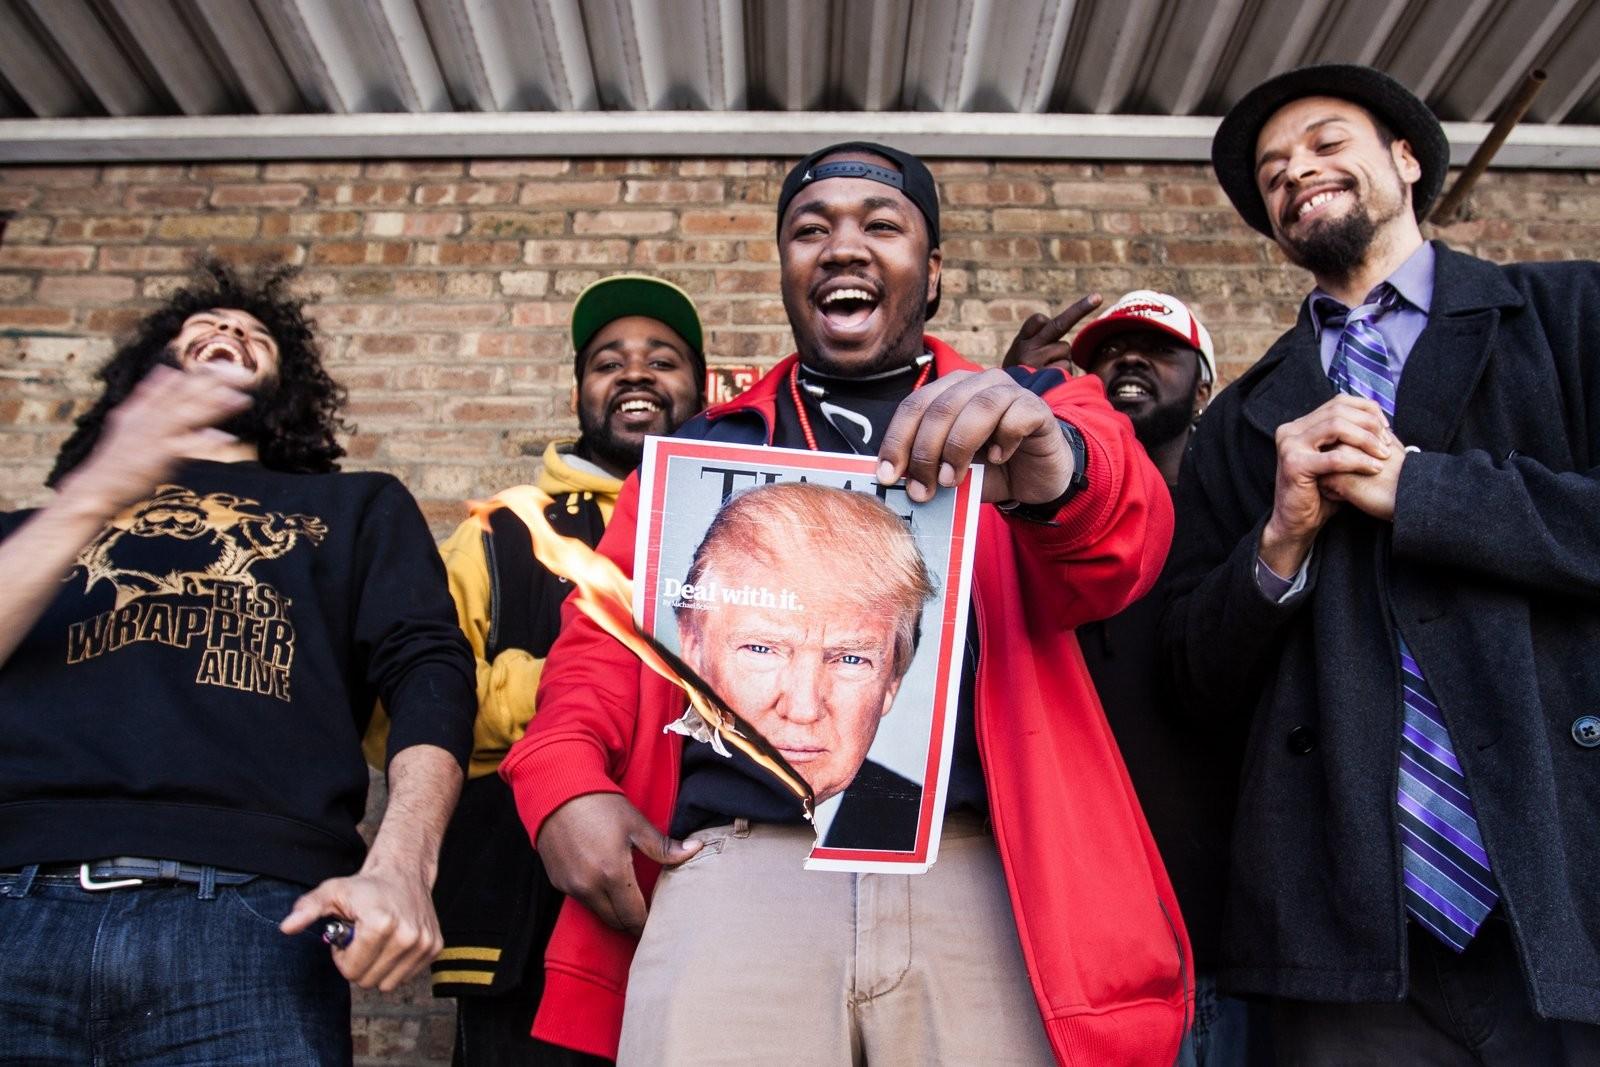 Rappers de Chicago mostrando sua opinião (Foto: David Tesinsky)